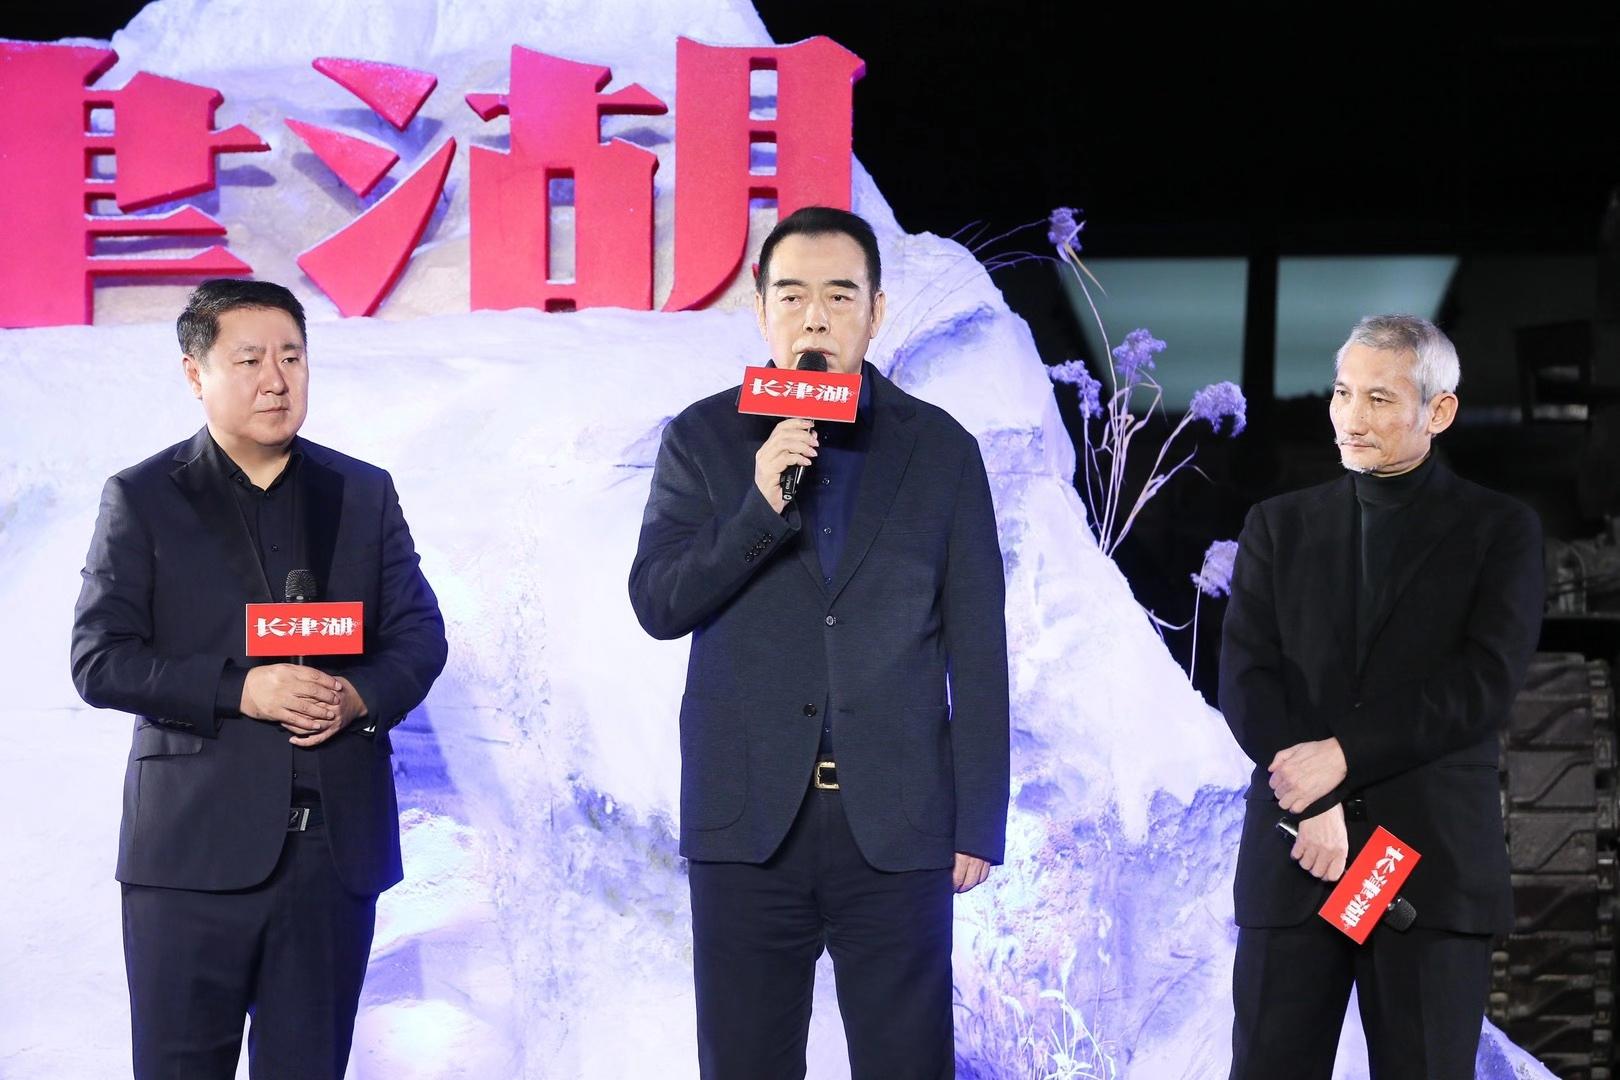 史诗战争电影《长津湖》正式开机,吴京易烊千玺饰演志愿军兄弟